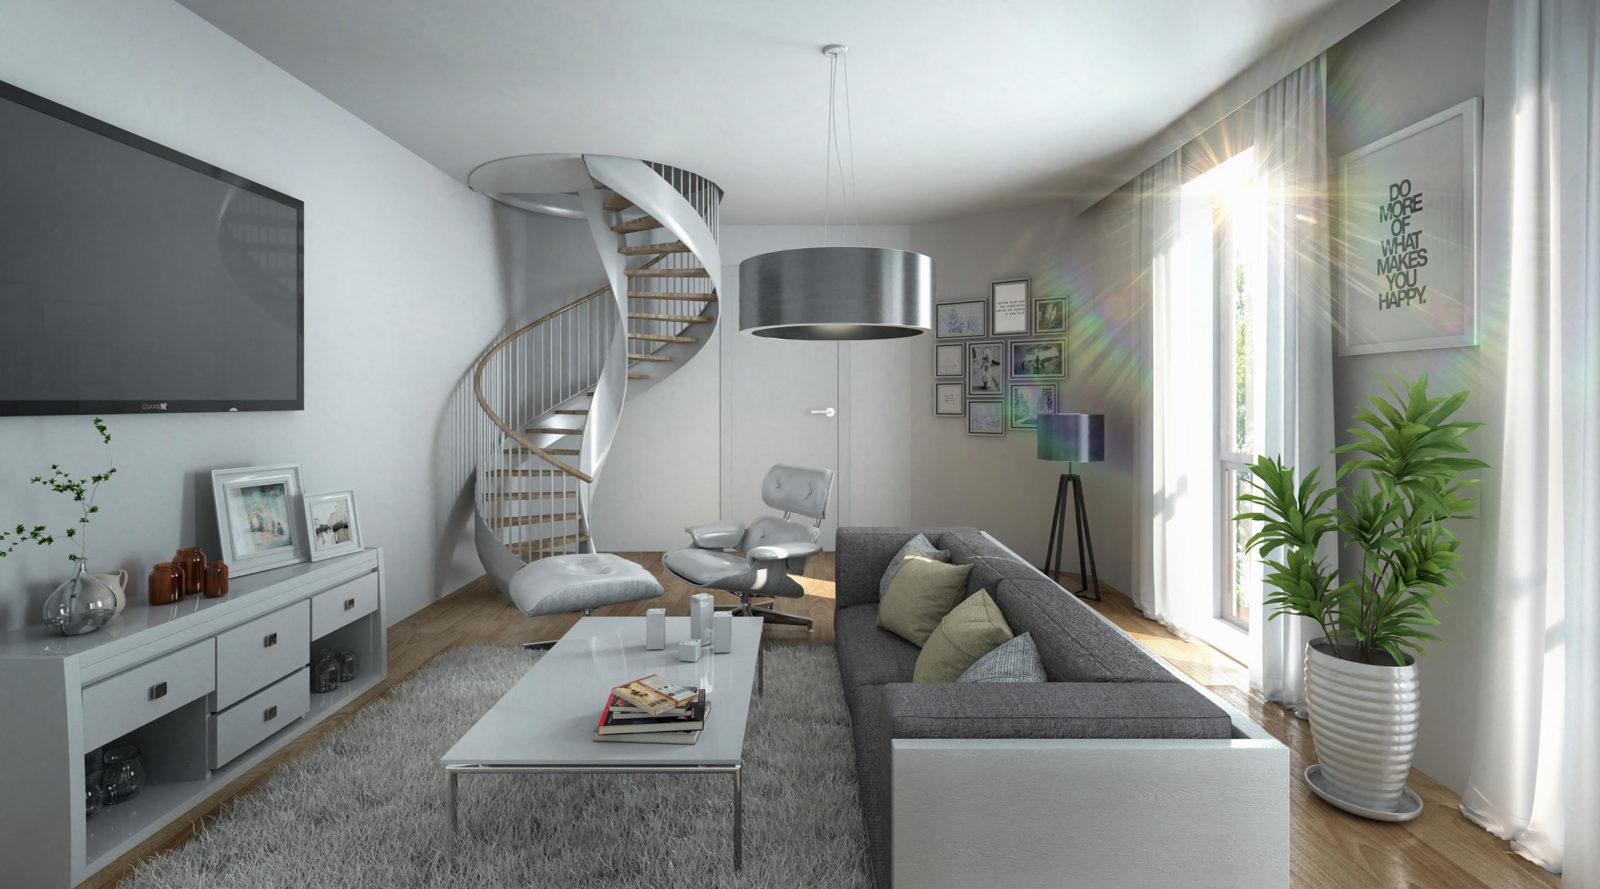 MCM Wohnen - Architekturvisualisierung Innenraum